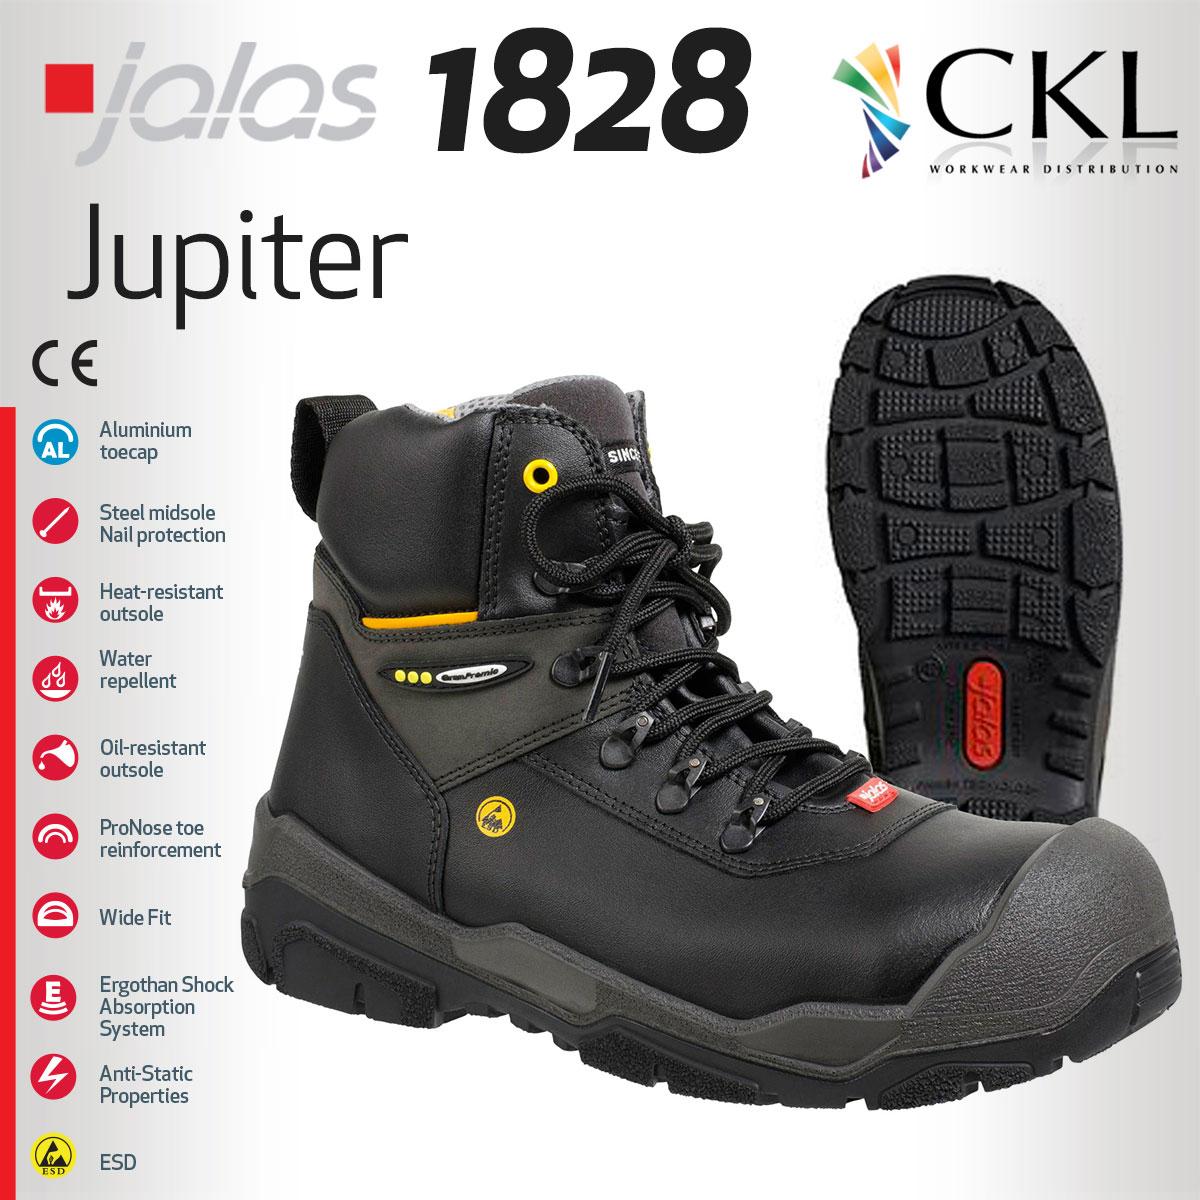 Jalas Jupiter 1828 Only from CKL